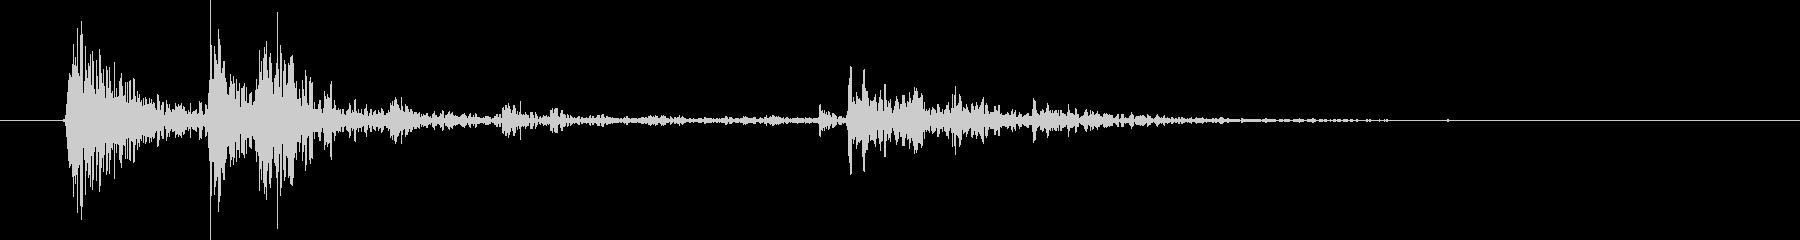 ピックアップトラック:Ext:ライ...の未再生の波形